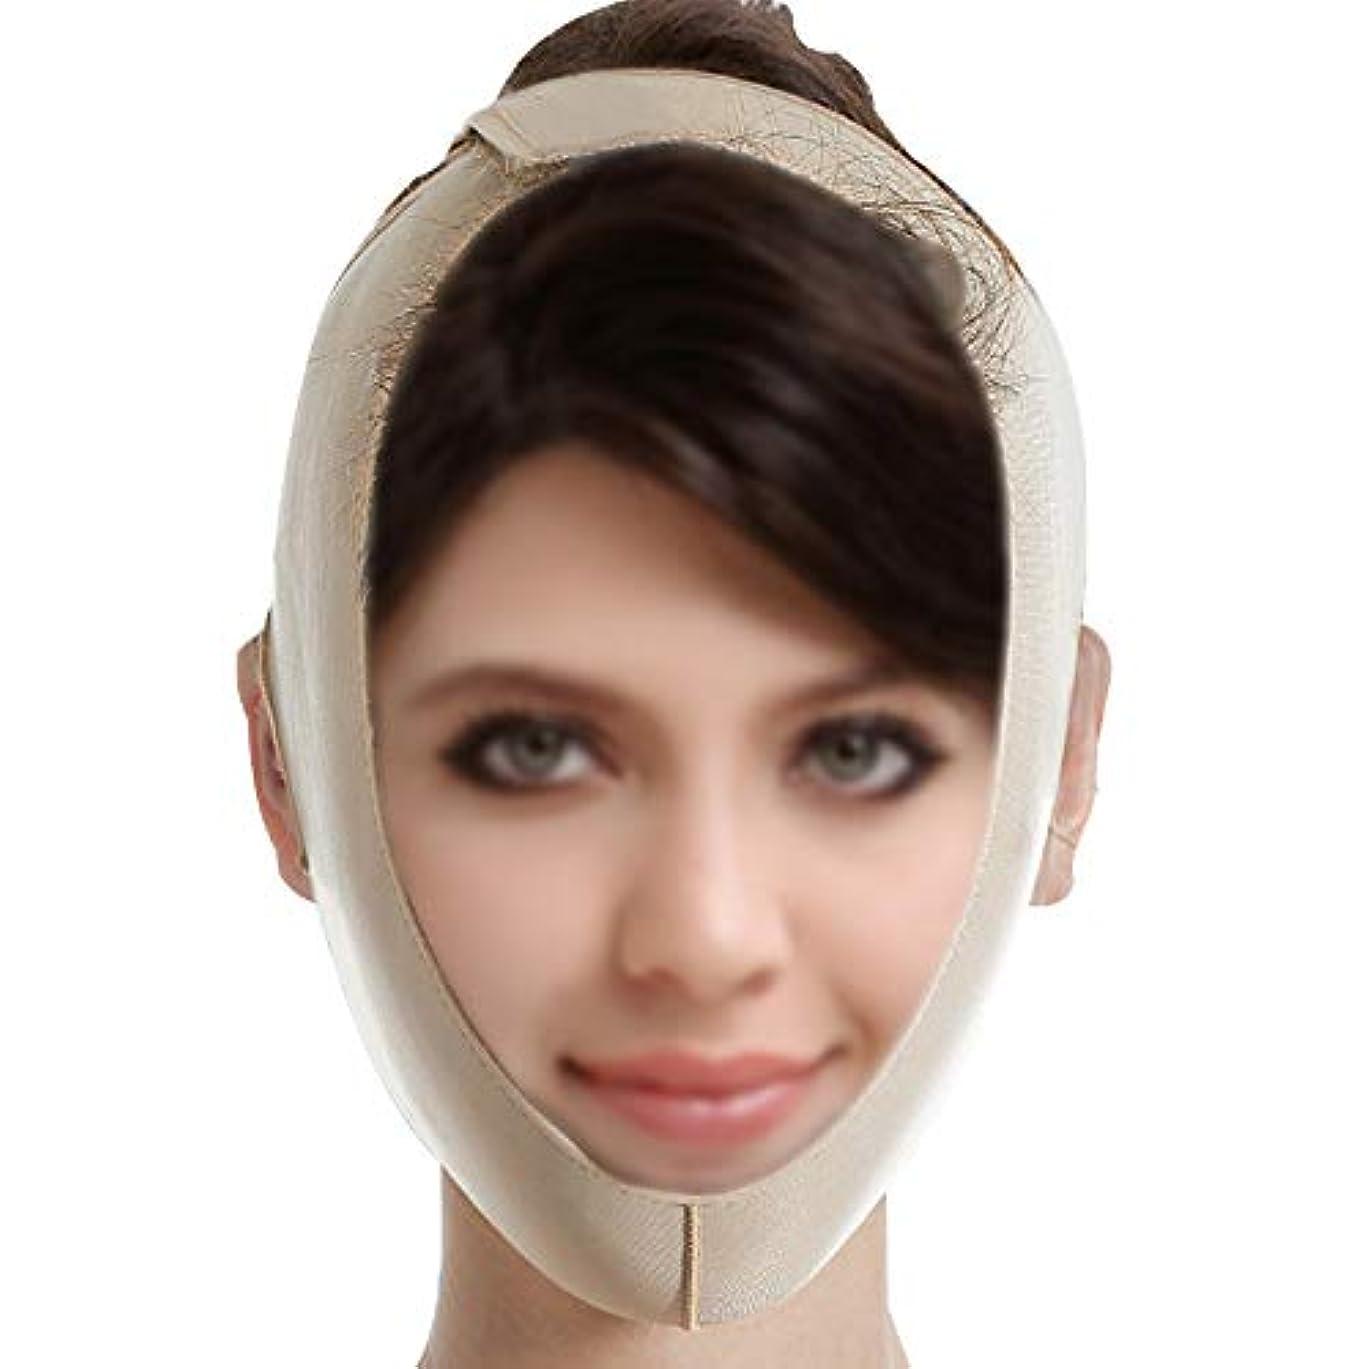 想起登場ピラミッドGLJJQMY 顔の形と首の持ち上がる痩身マスクの形Vの顔の包帯の美しさのしっかりした二重あご跡 顔用整形マスク (Size : S)